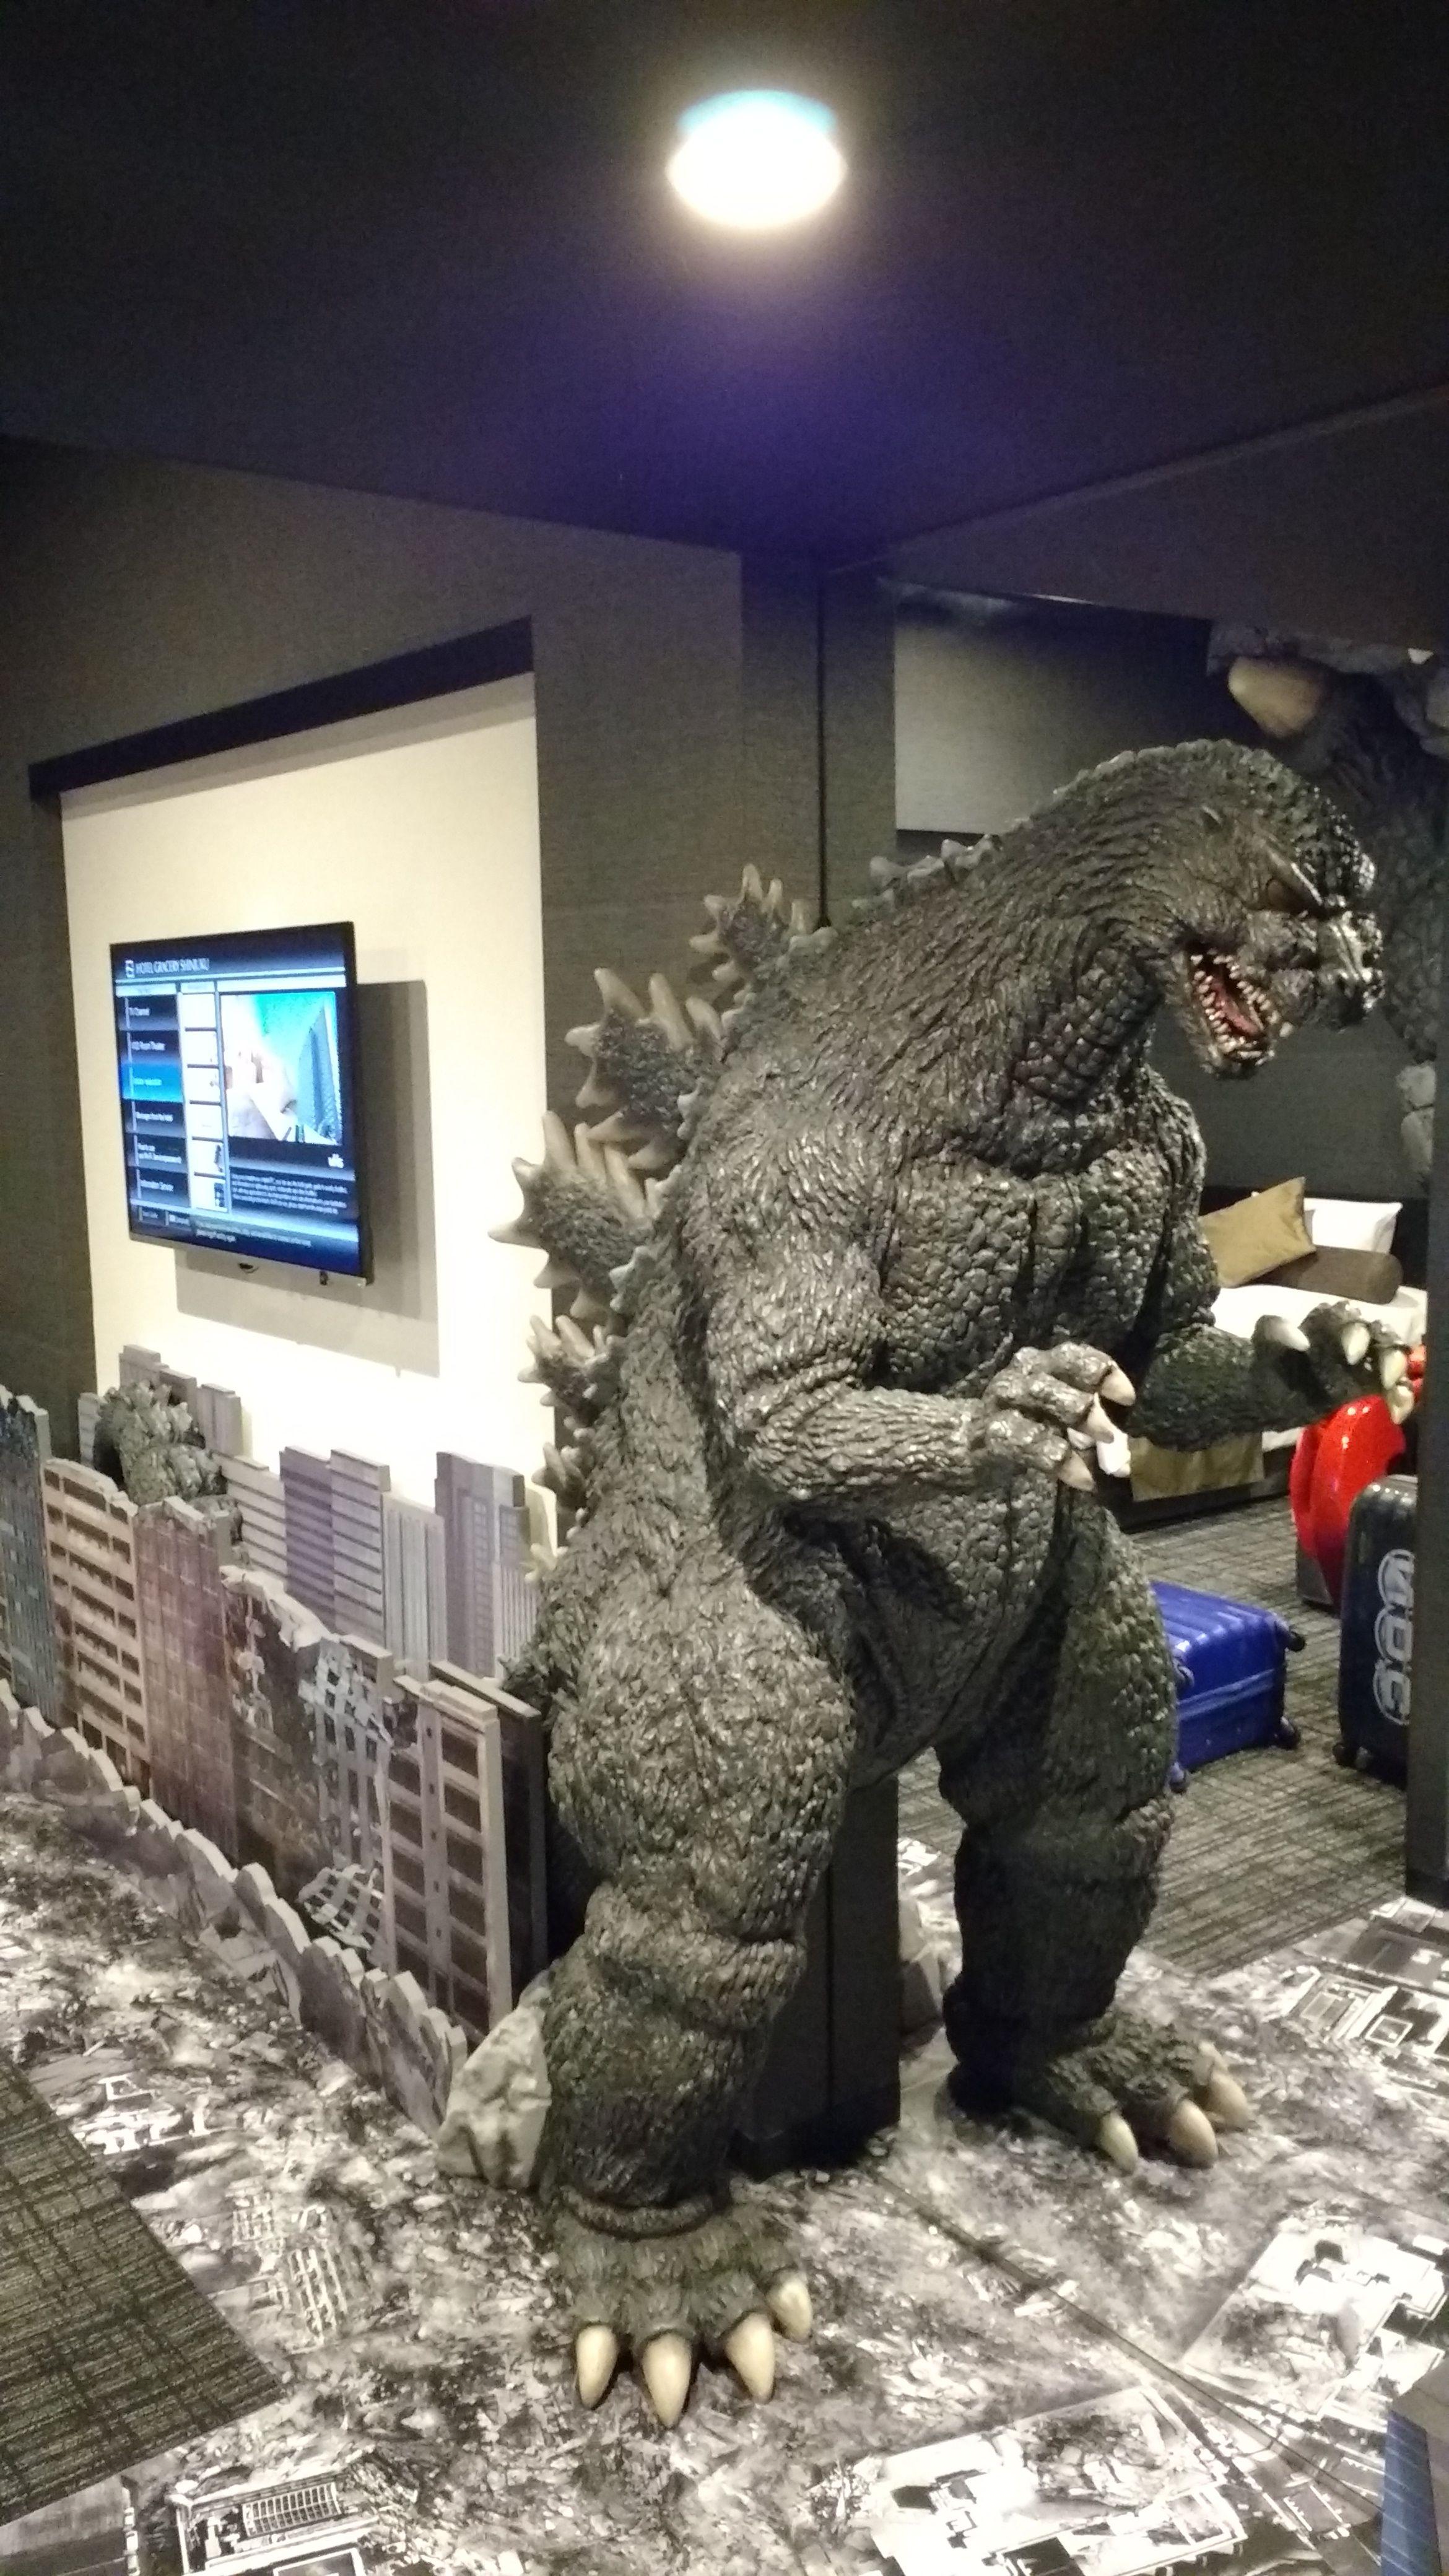 Godzilla Room - Hotel Shinjuku In